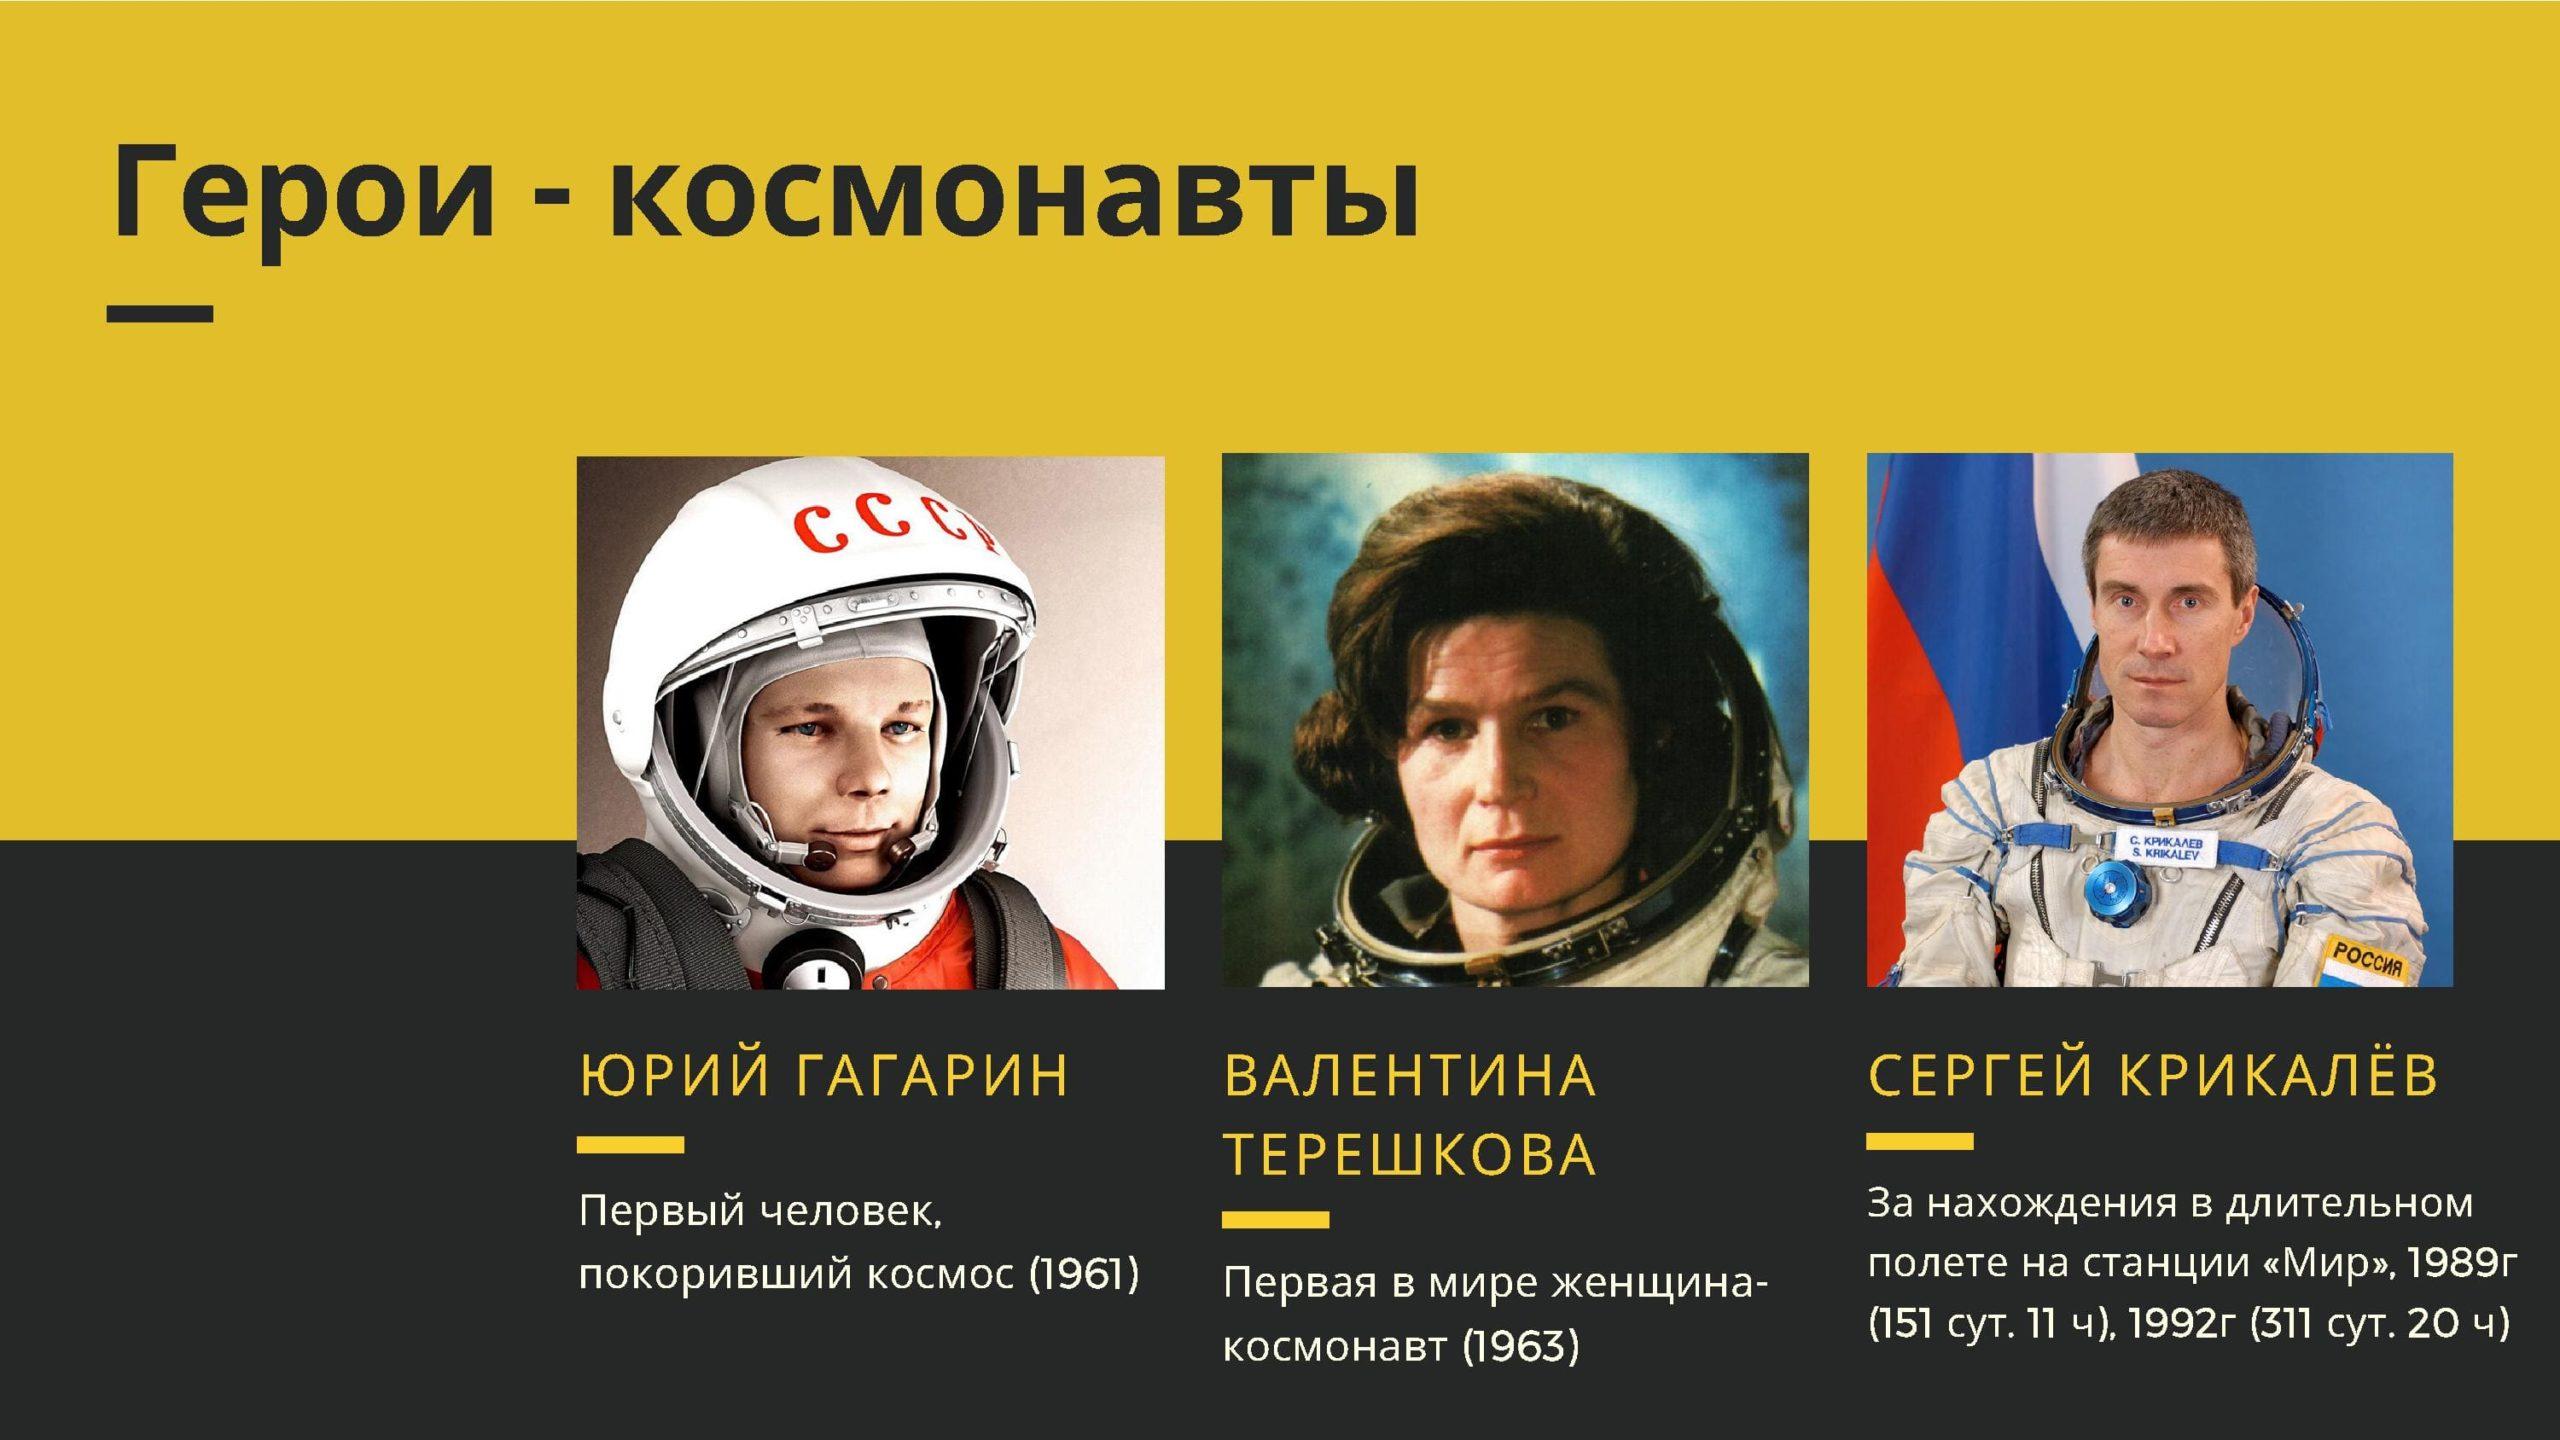 Герои - космонавты